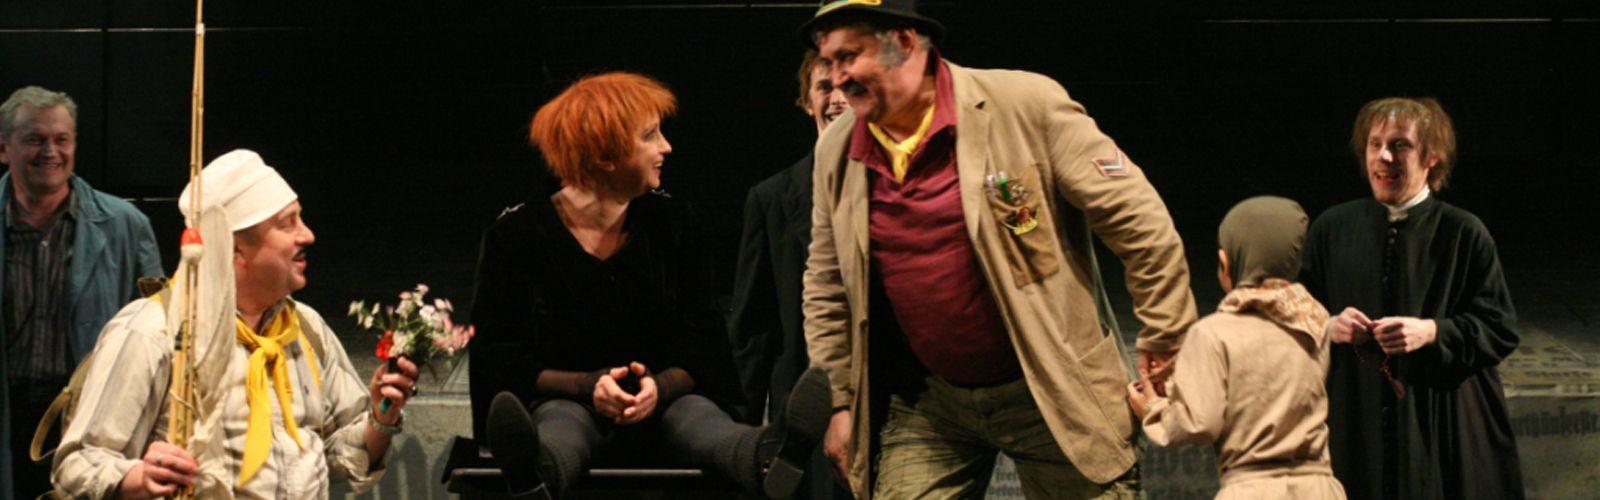 Театр комедии акимова купить билеты купить билет в цирк в оренбурге